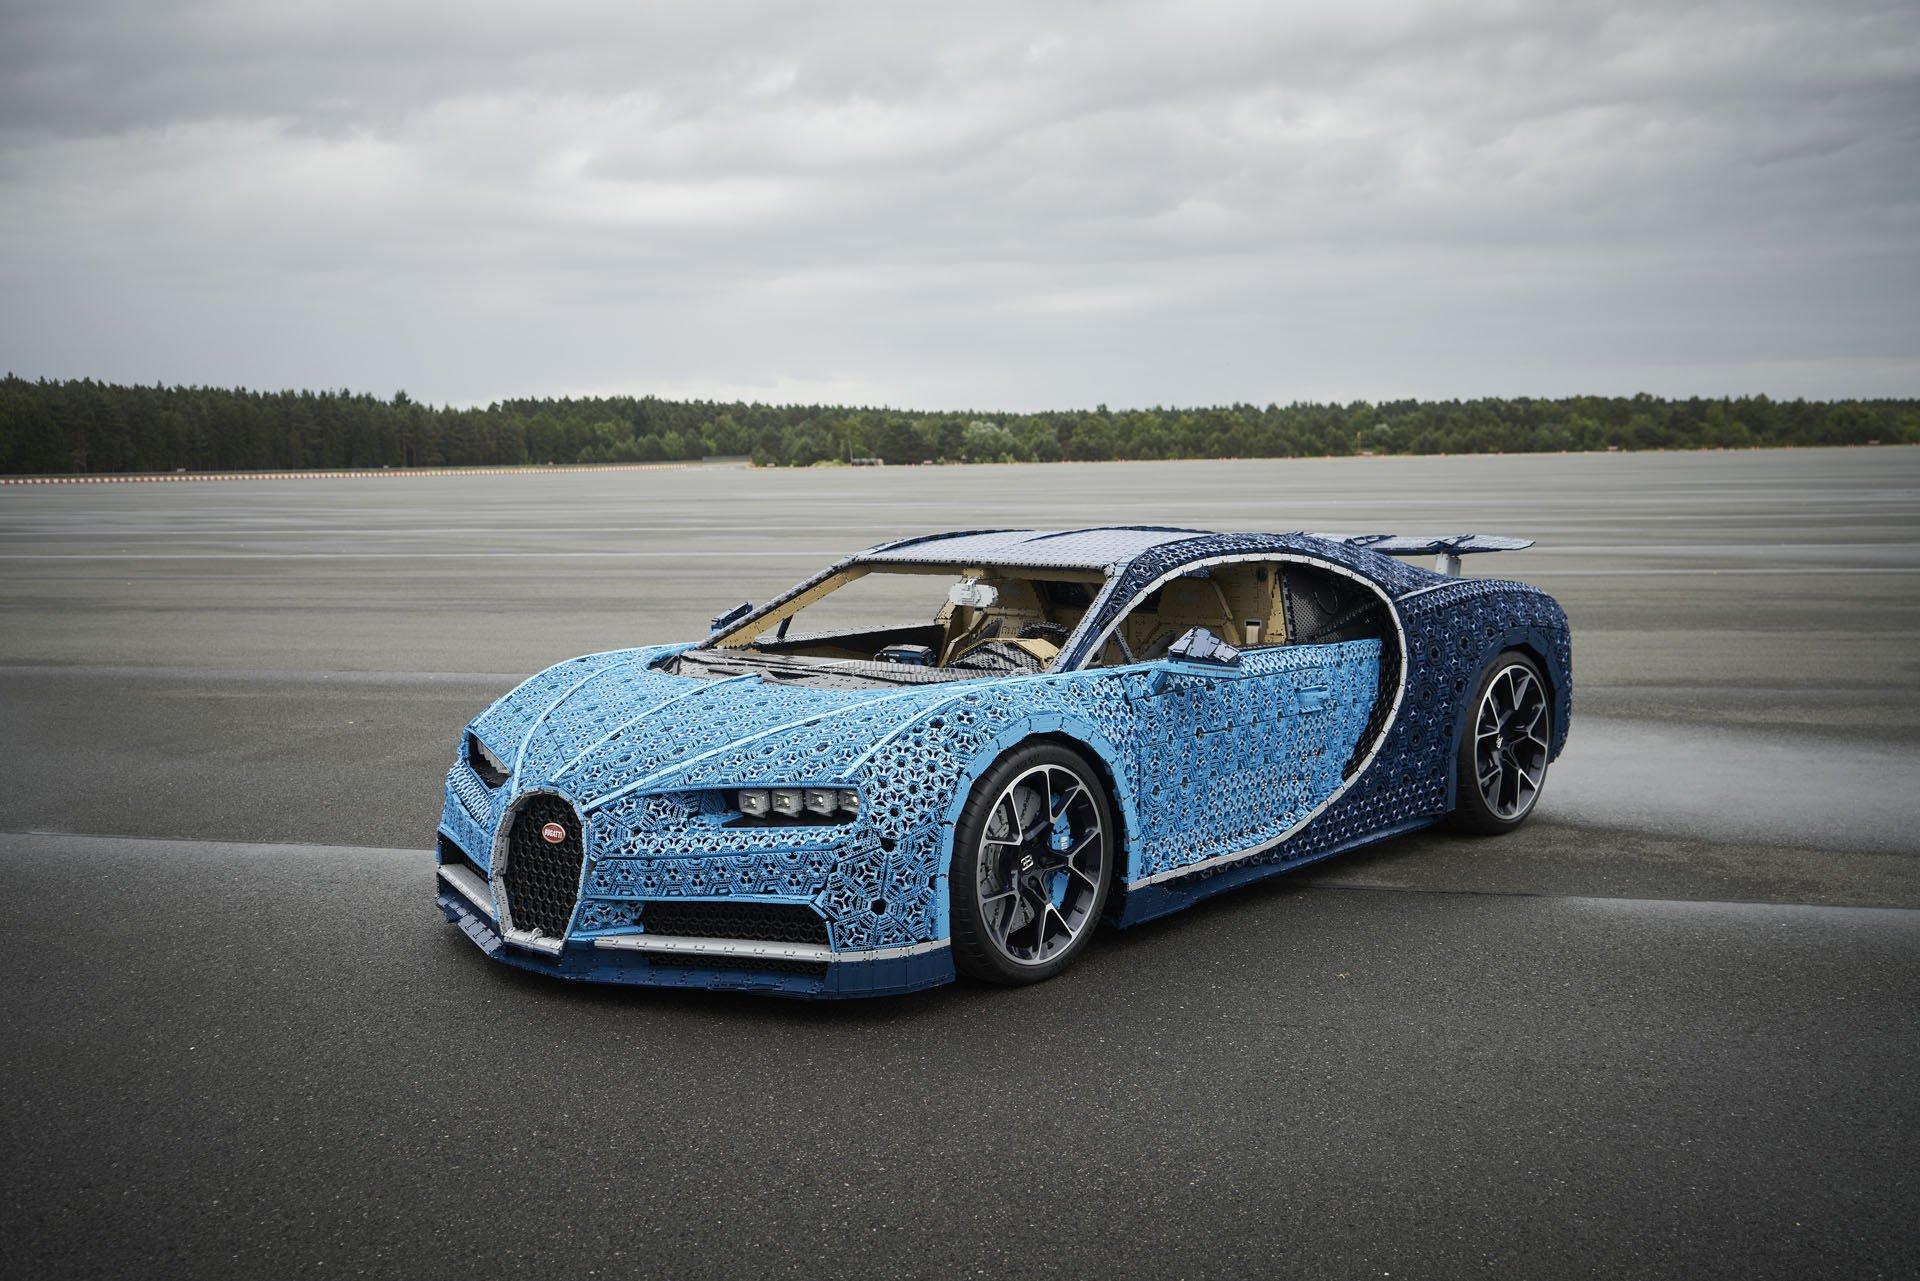 El Bugatti Chiron de Lego de tamaño real que alcanza los 20 km/h